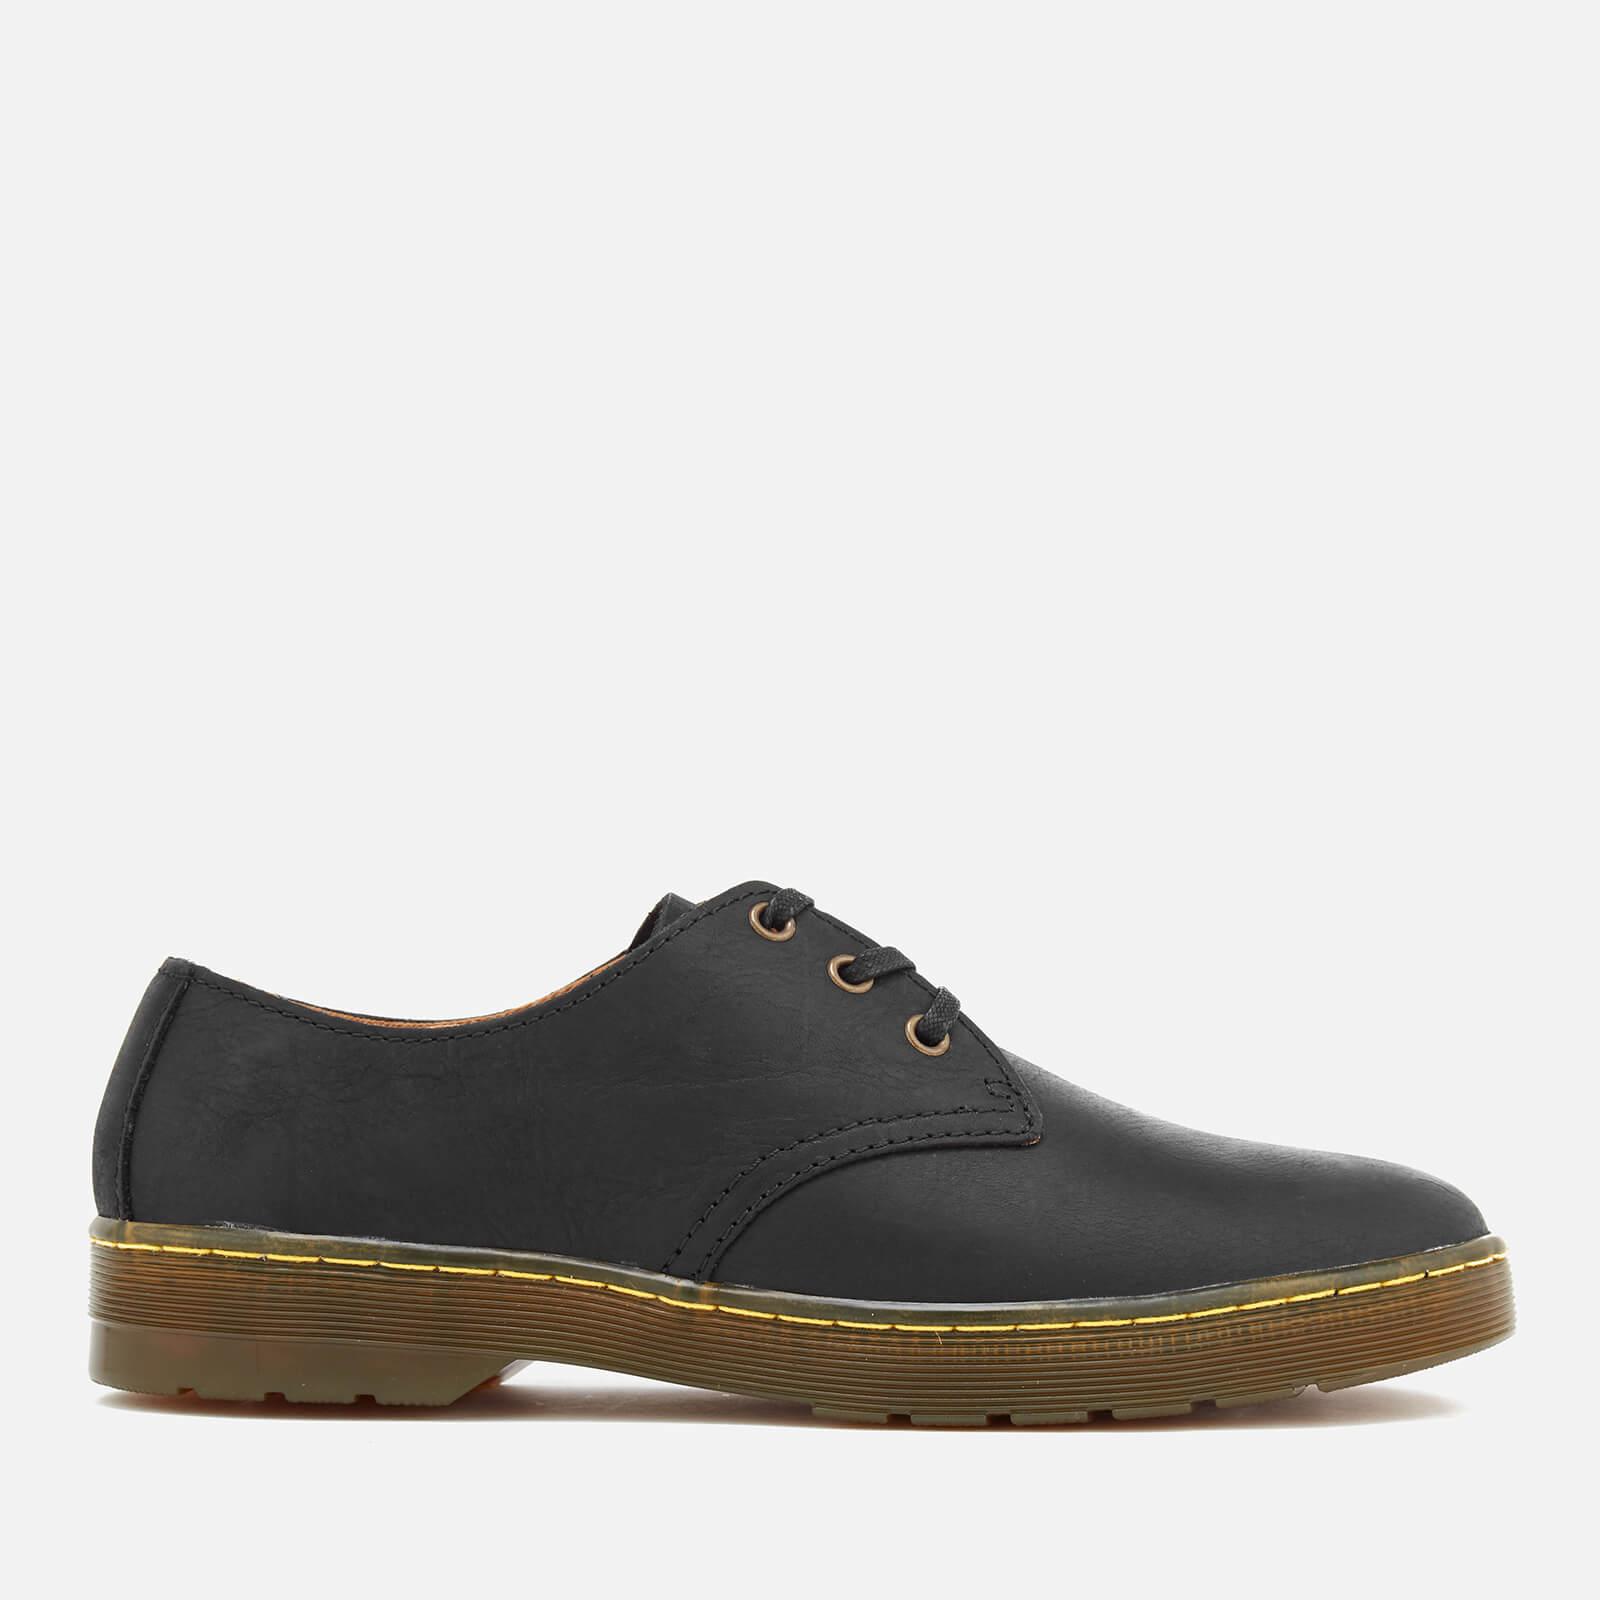 Dr. Martens Men's Cruise Coronado Leather Derby Shoes - Black - UK 11 - Black